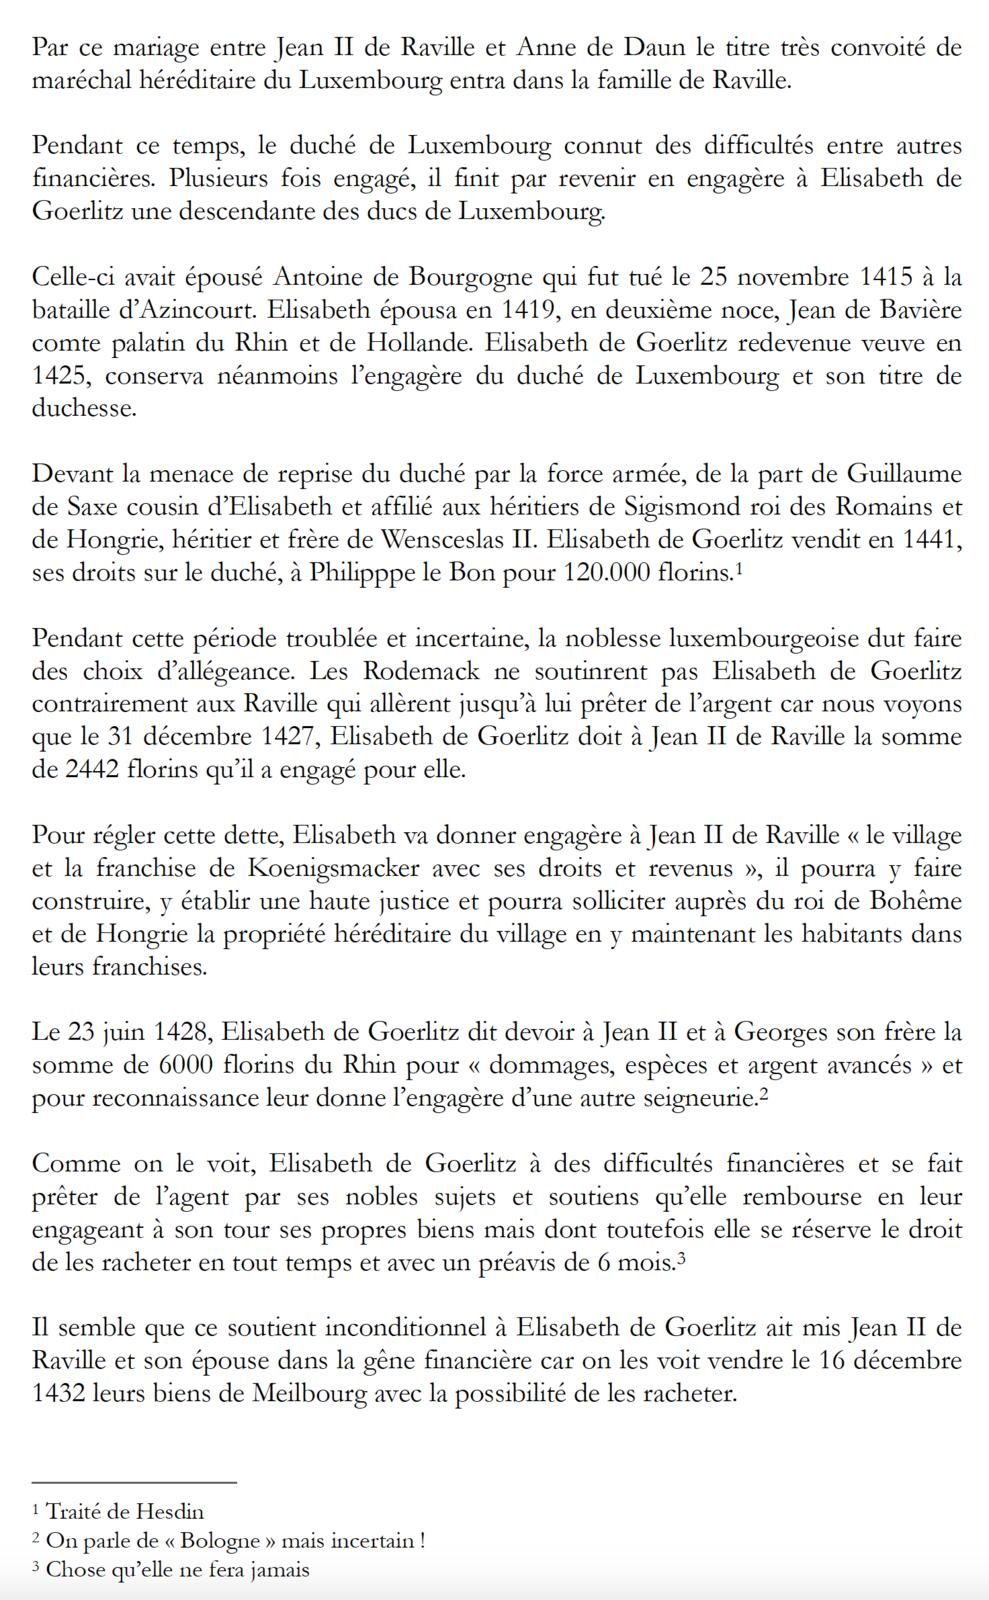 1370 - 1671 - La famille de Raville